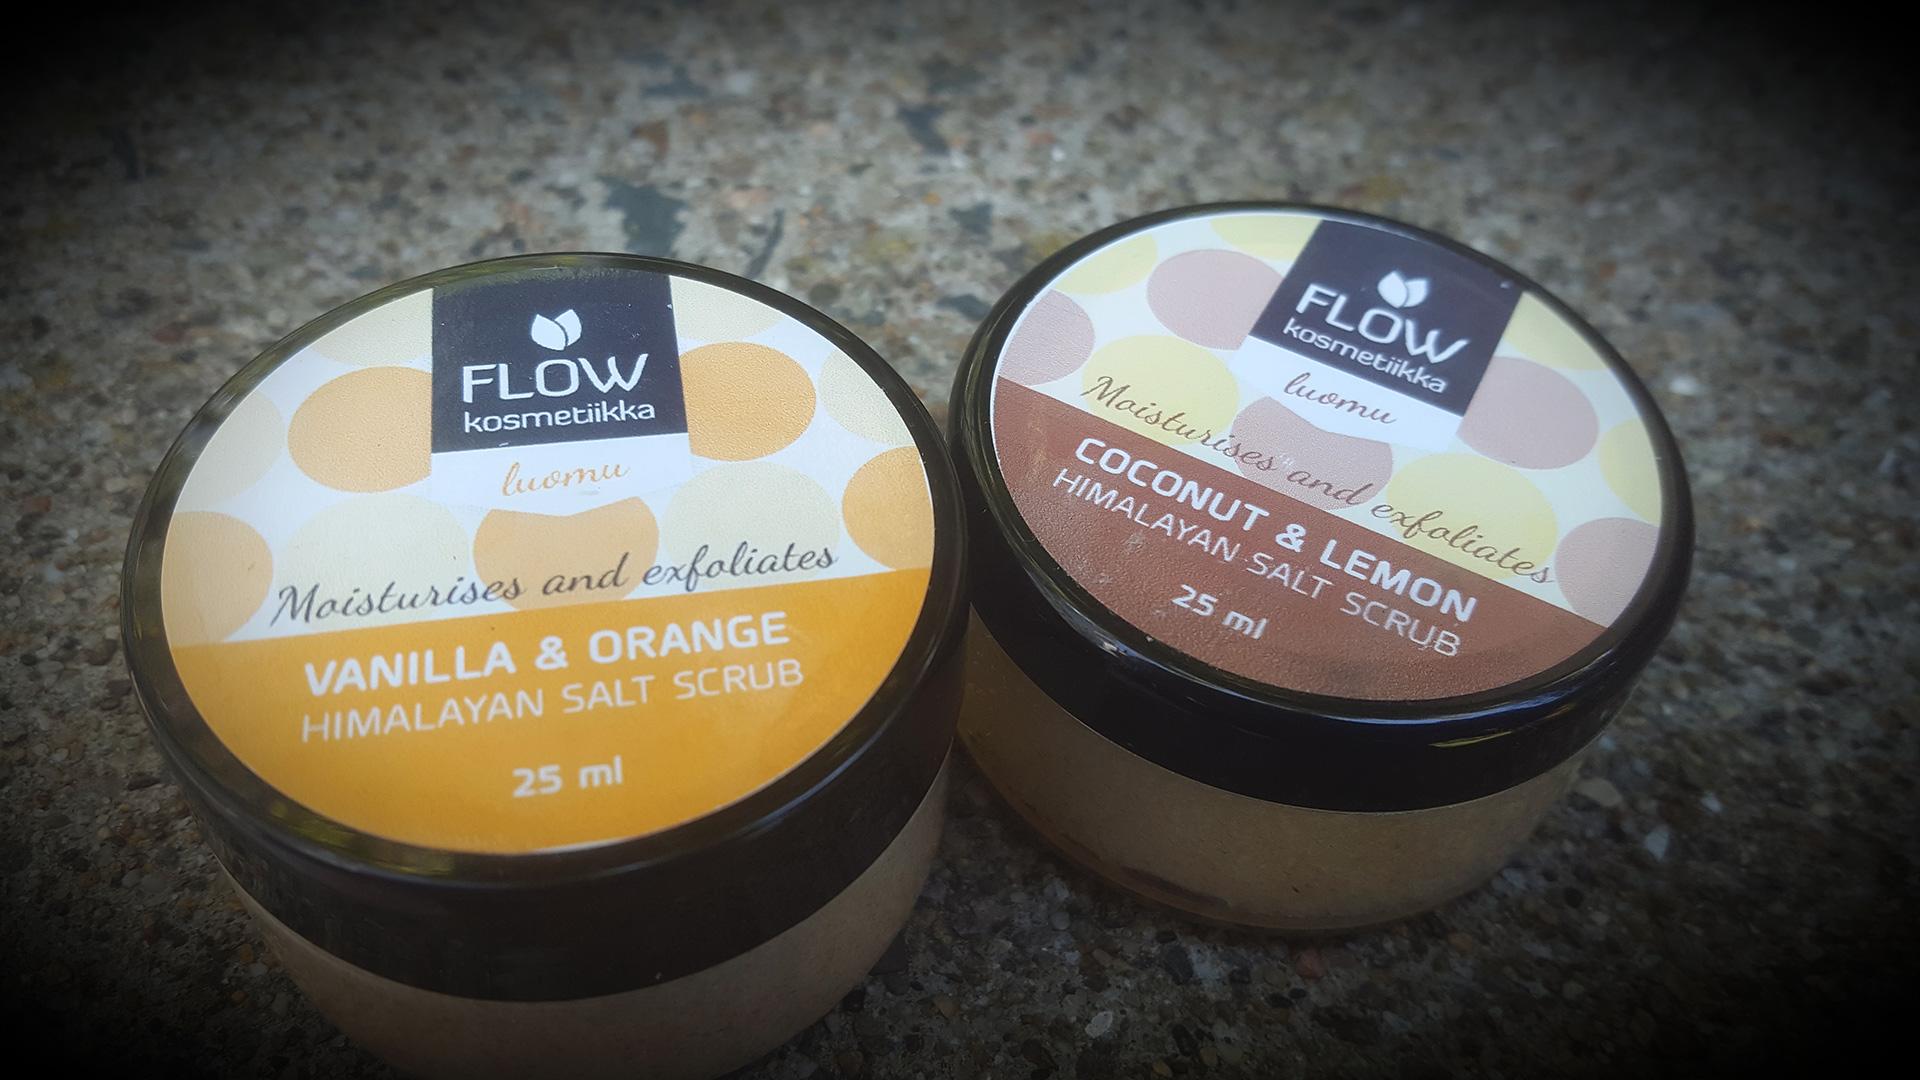 Flow Kosmetiikan suolakuorintavoiteet. ©Reetta Kemppi